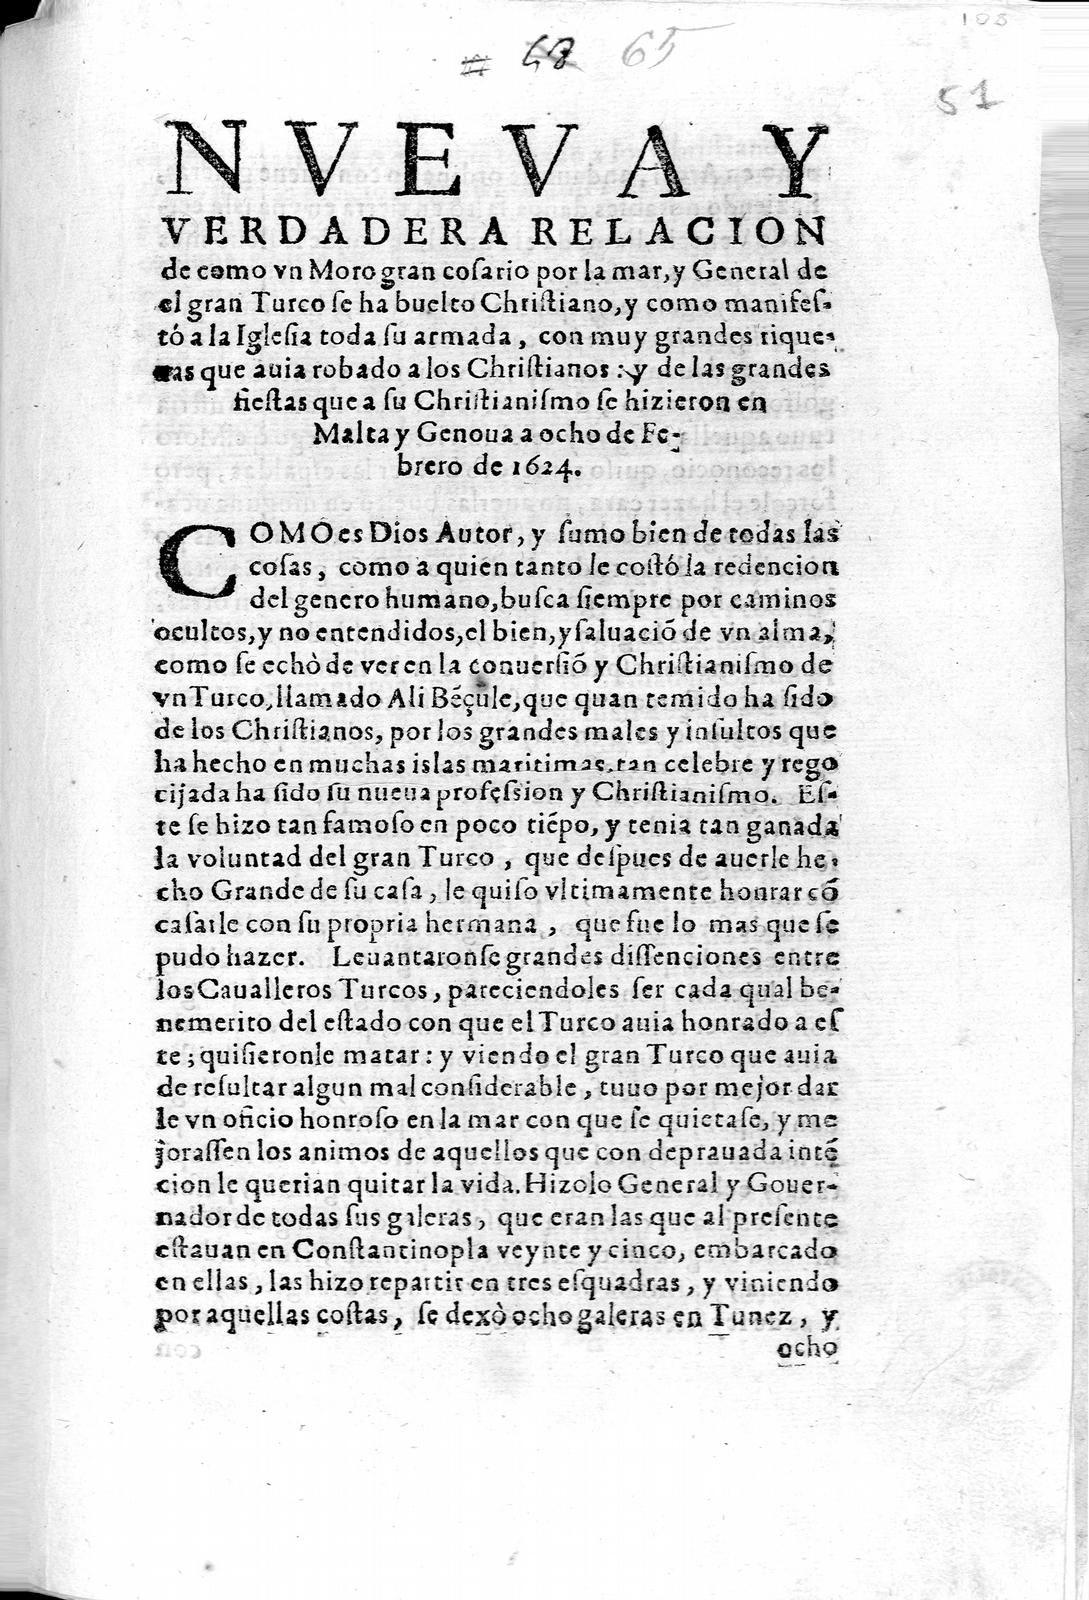 JUAN DE BORJA 1624